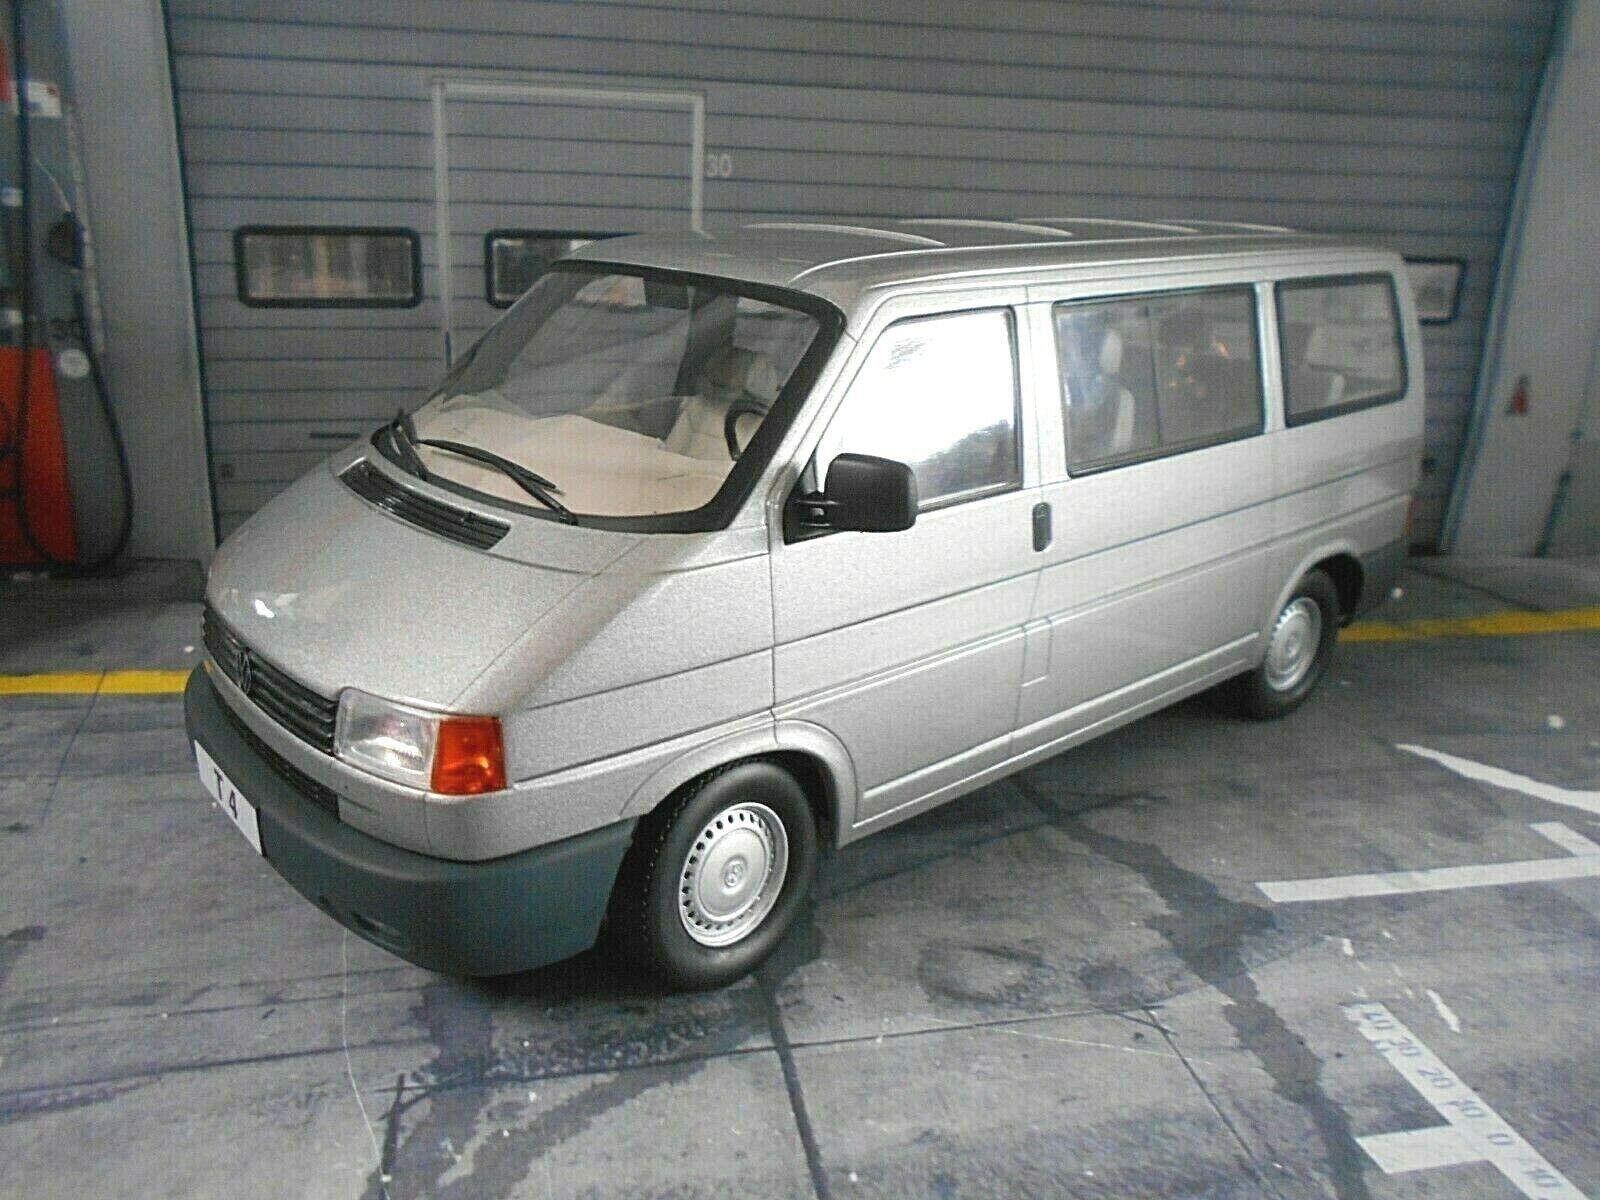 Volkswagen VW t4 Cocheavelle autobús fensterbus gris gris 1992 KK scale 1 18